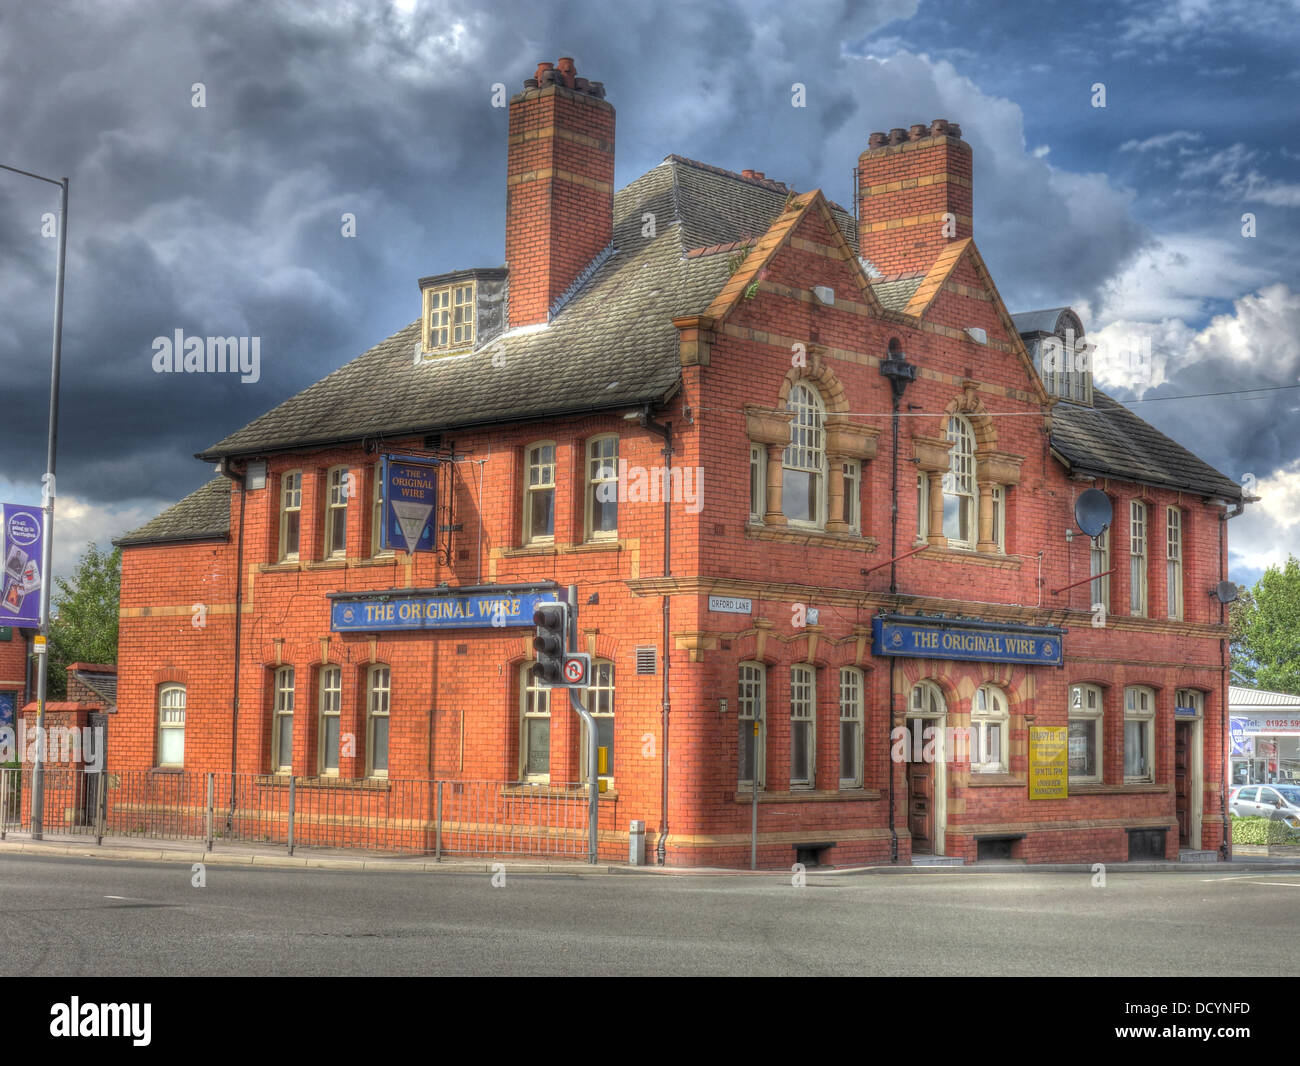 Dieses Stockfoto: Das ursprüngliche Kabel Pub, (die Leitung), 2 Orford Ln, Warrington, Cheshire, England, UK WA 2 7 AB-Sports Bar - DCYNFD